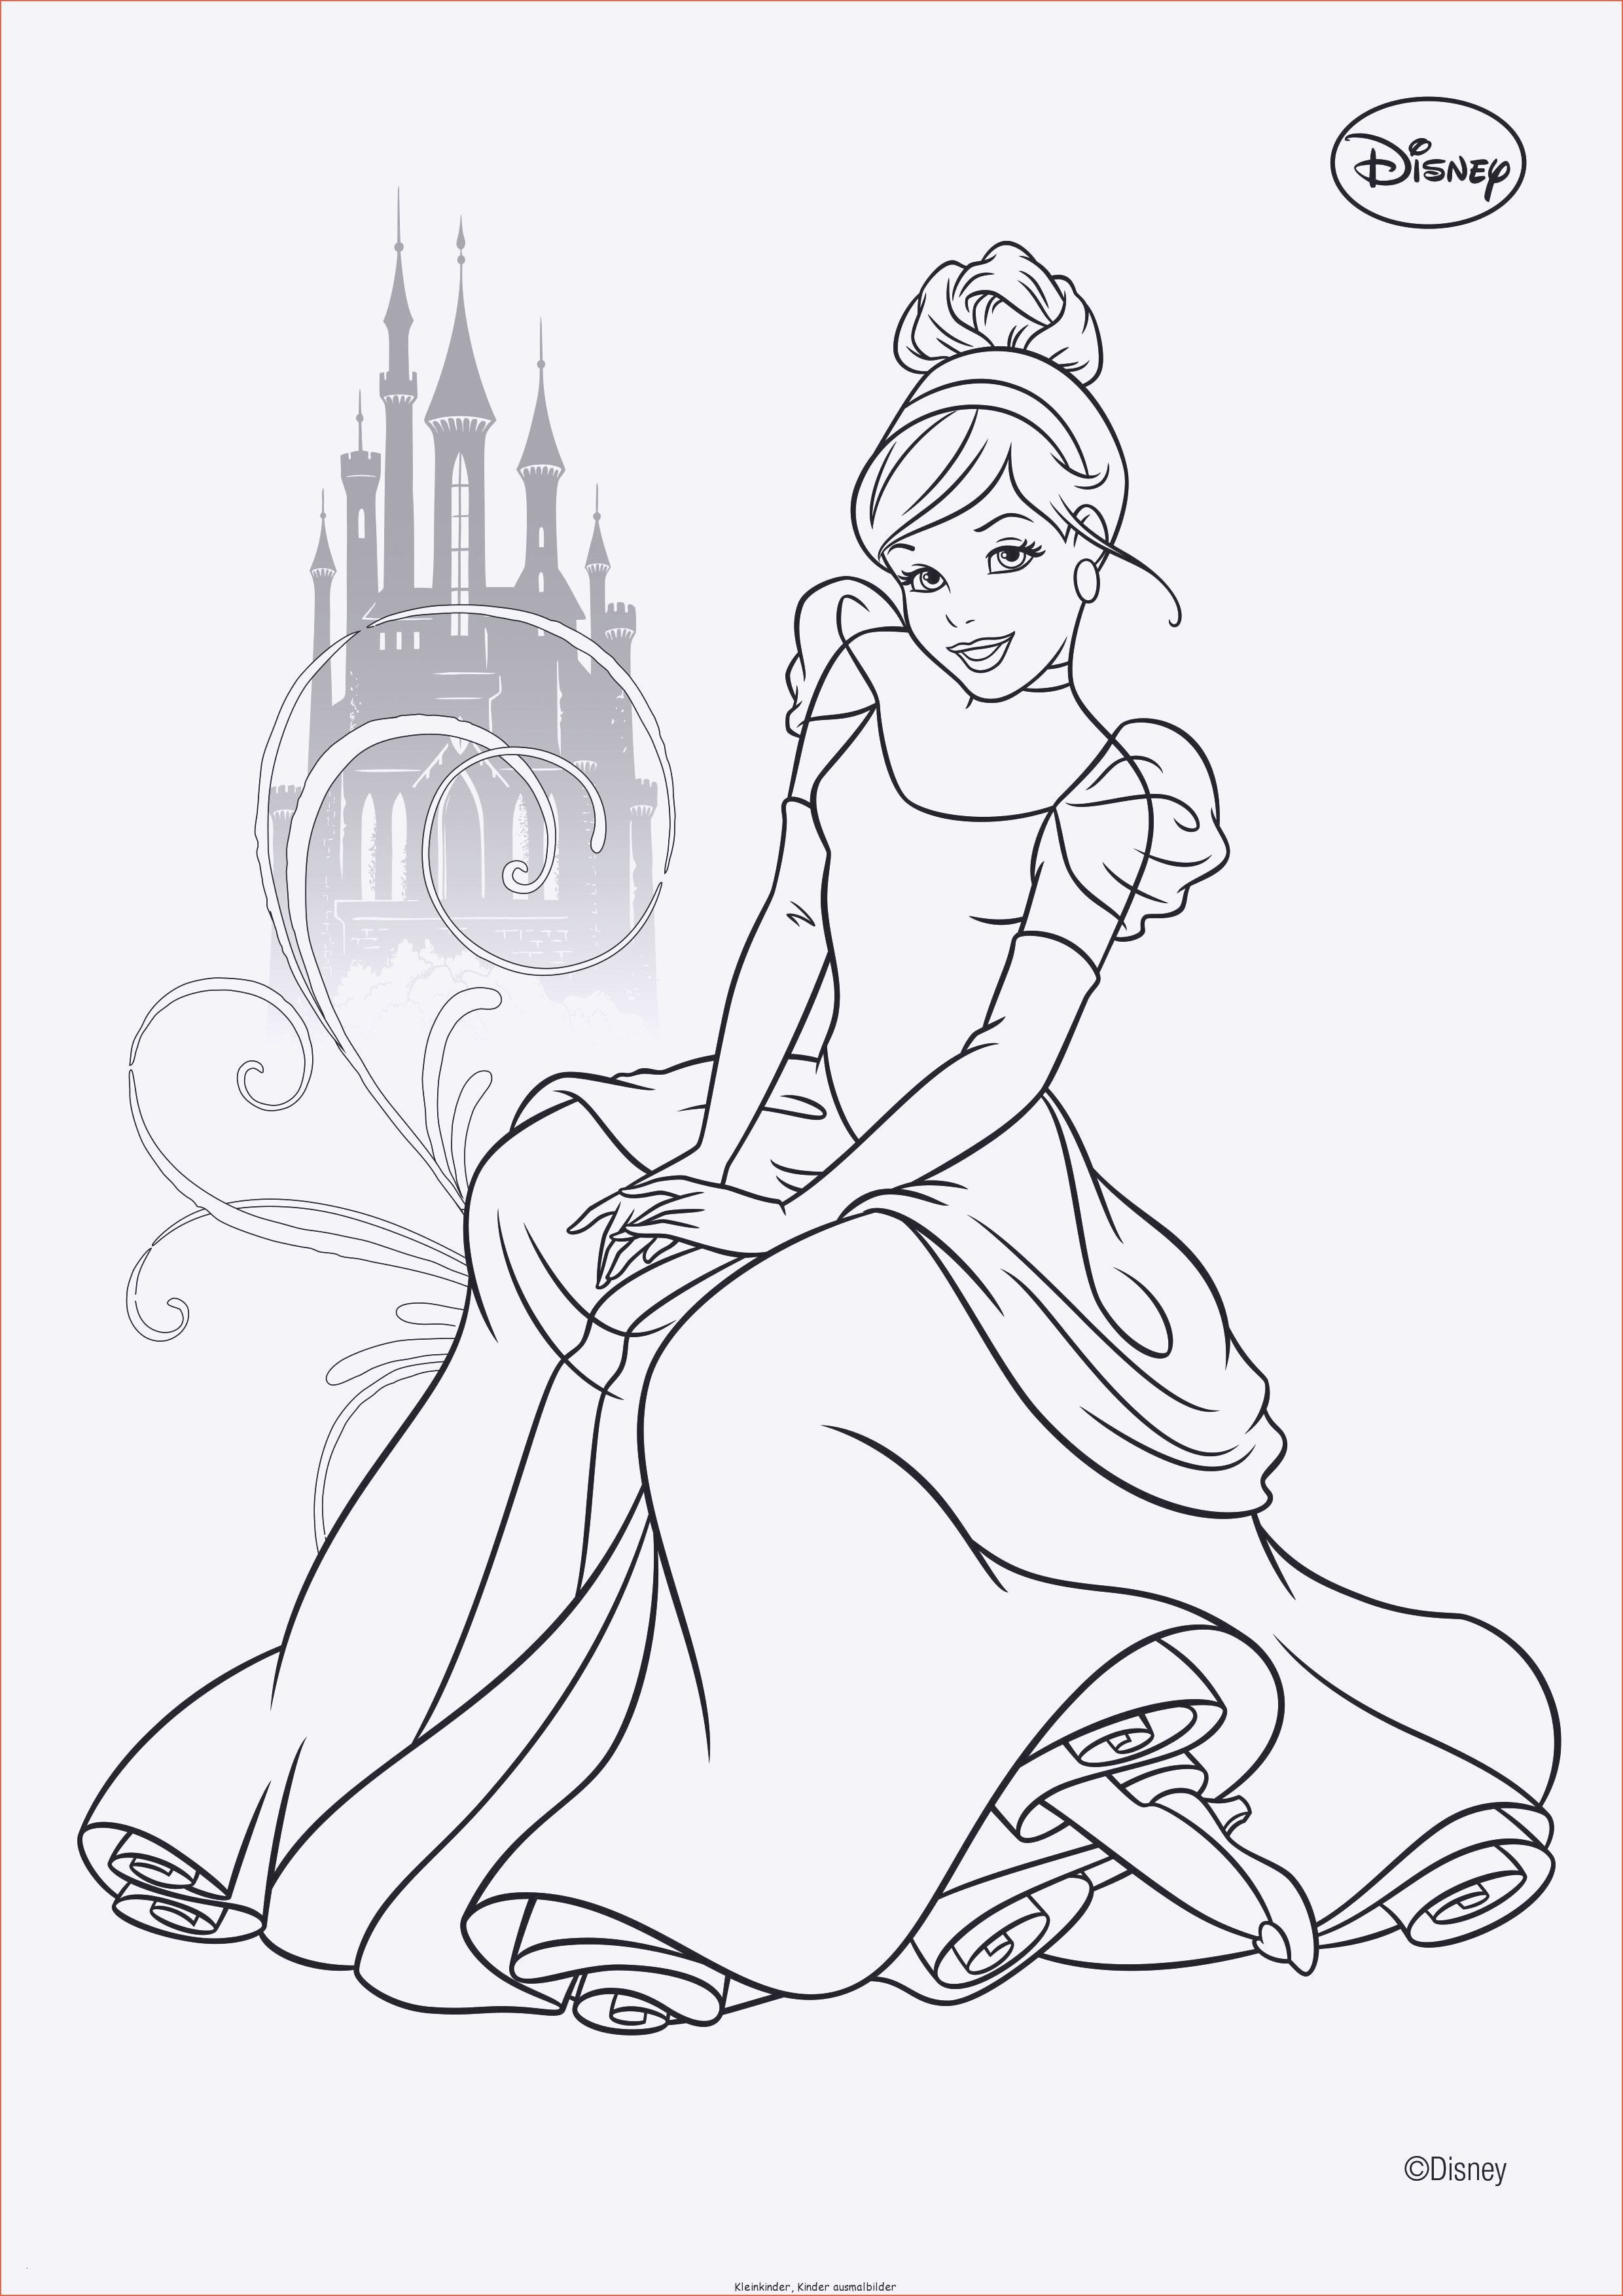 Hundertwasser Bilder Zum Ausmalen Inspirierend Ausmalbilder Hundertwasser Neu 40 Ausmalbilder Prinzessin Elsa Stock